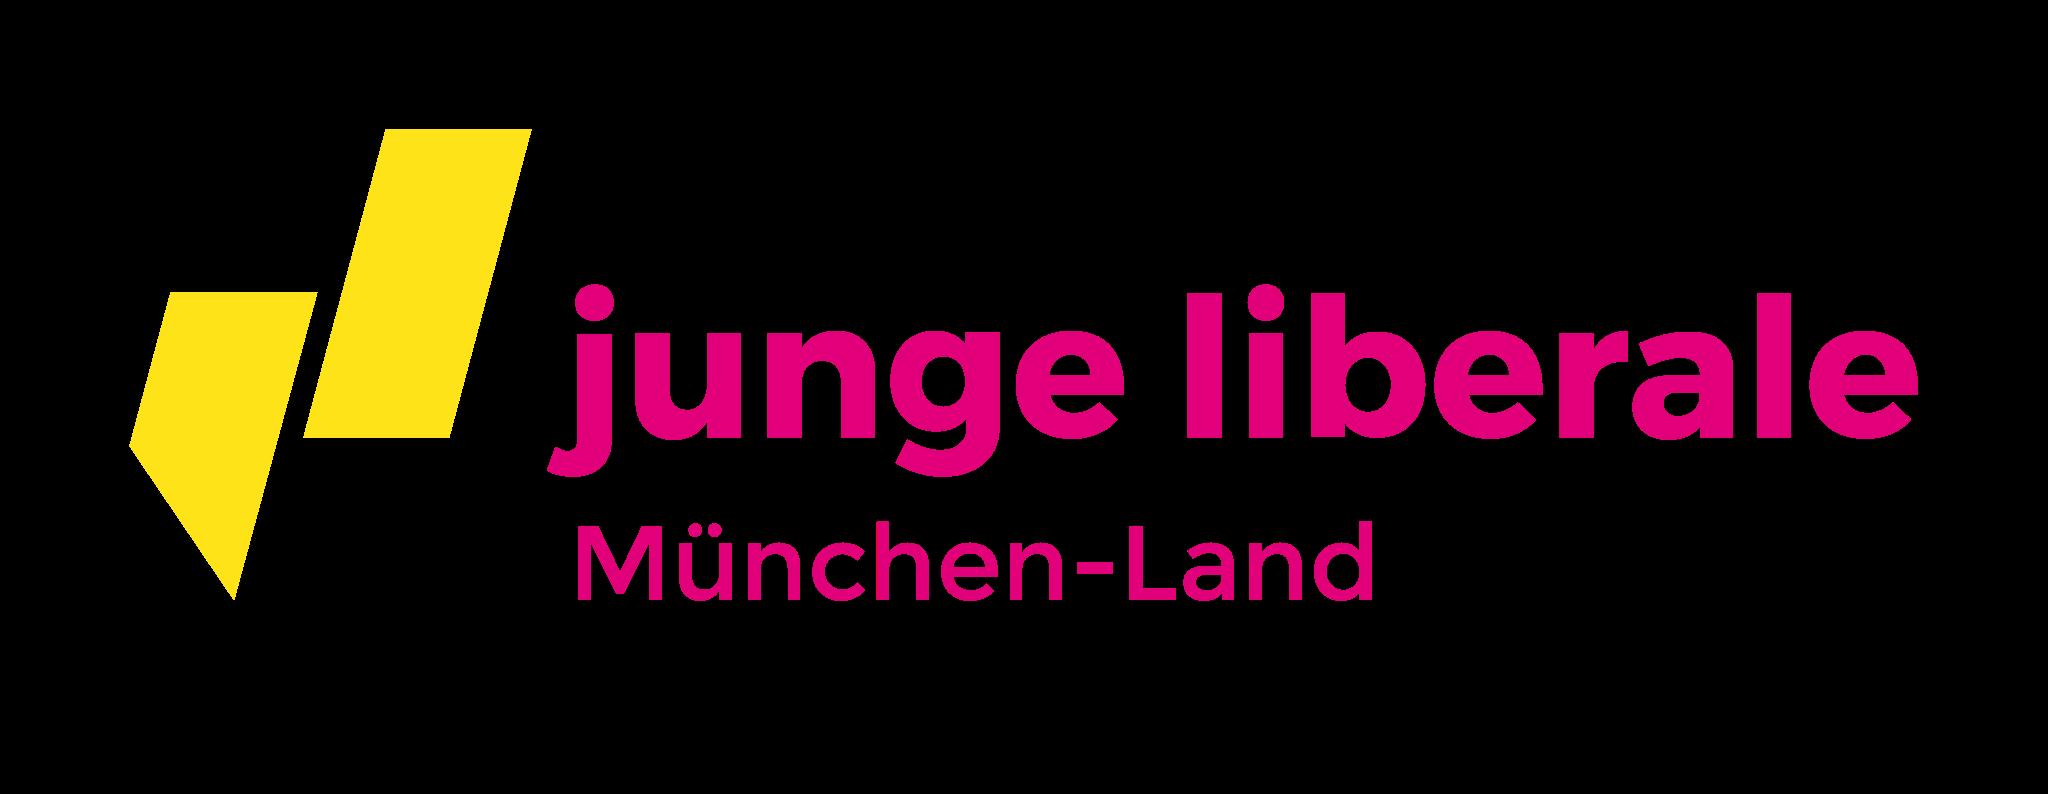 Junge Liberale München-Land